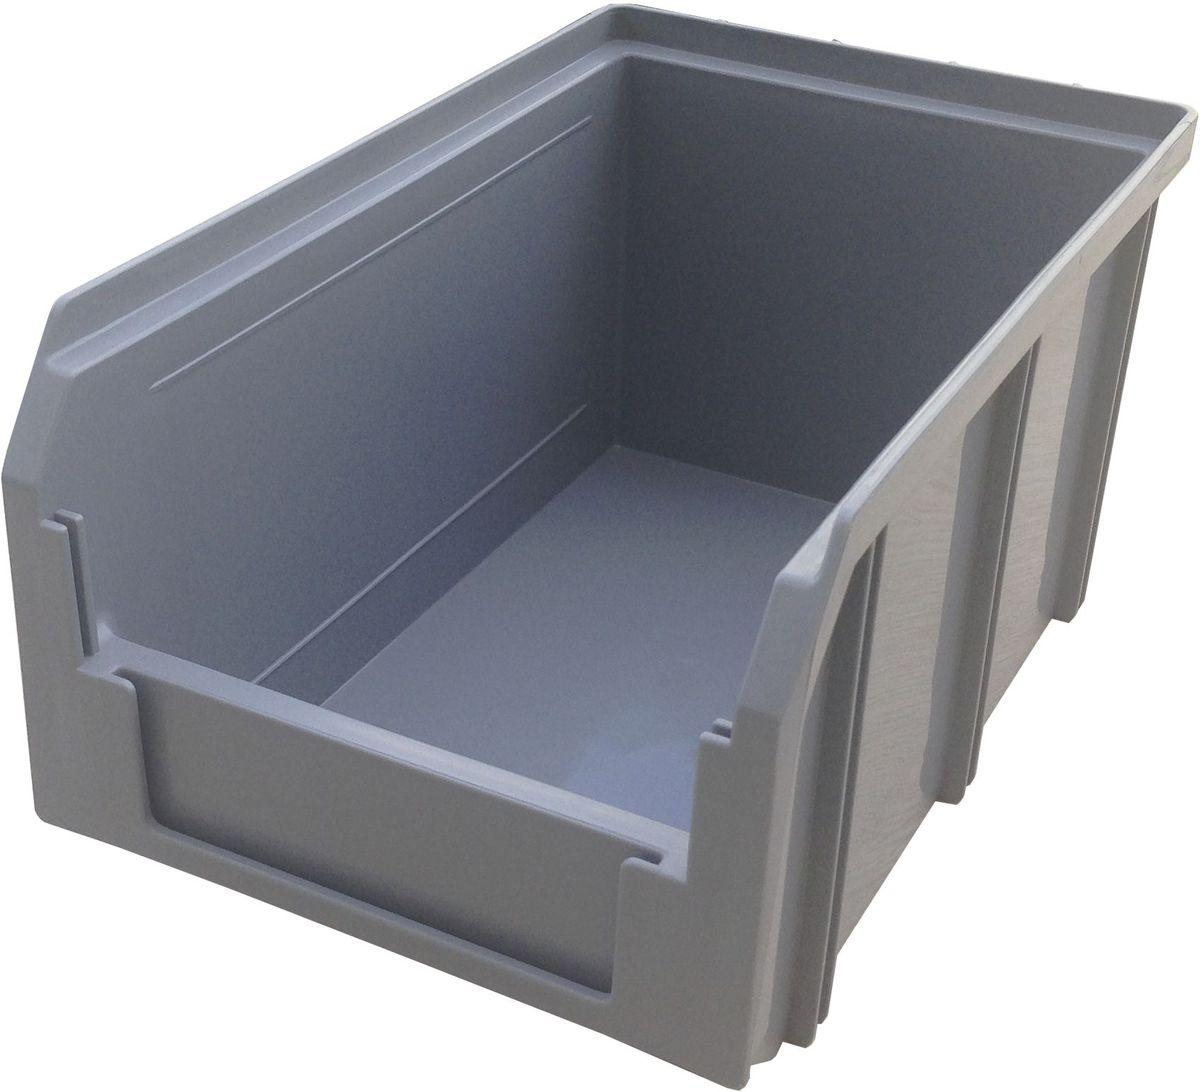 Ящик пластиковый Стелла V-2, цвет: серый, 12,1 х 14,9 х 23,4 см466368Пластиковый ящик V-2 (234 х 149 х 121 мм) применяется на складах для организации мест хранения для различных мелочей, например: деталей, заготовок, комплектующих, крепежа, запчастей и многого другого. Ящик отличается высоким уровнем износостойкости, он полностью выполнен из ударопрочного материала - полипропилена. Для быстрой идентификации нужного ящика в передней стенке предусмотрен карман для ярлыка с описанием содержимого.Вес, кг: 0,30. Габариты, мм: 234 x 149 x 121. Объем 3,8 л. Возможность штабелирования контейнеров друг на друга. Удобные рукоятки. Наличие зацепа для размещения на стойке.